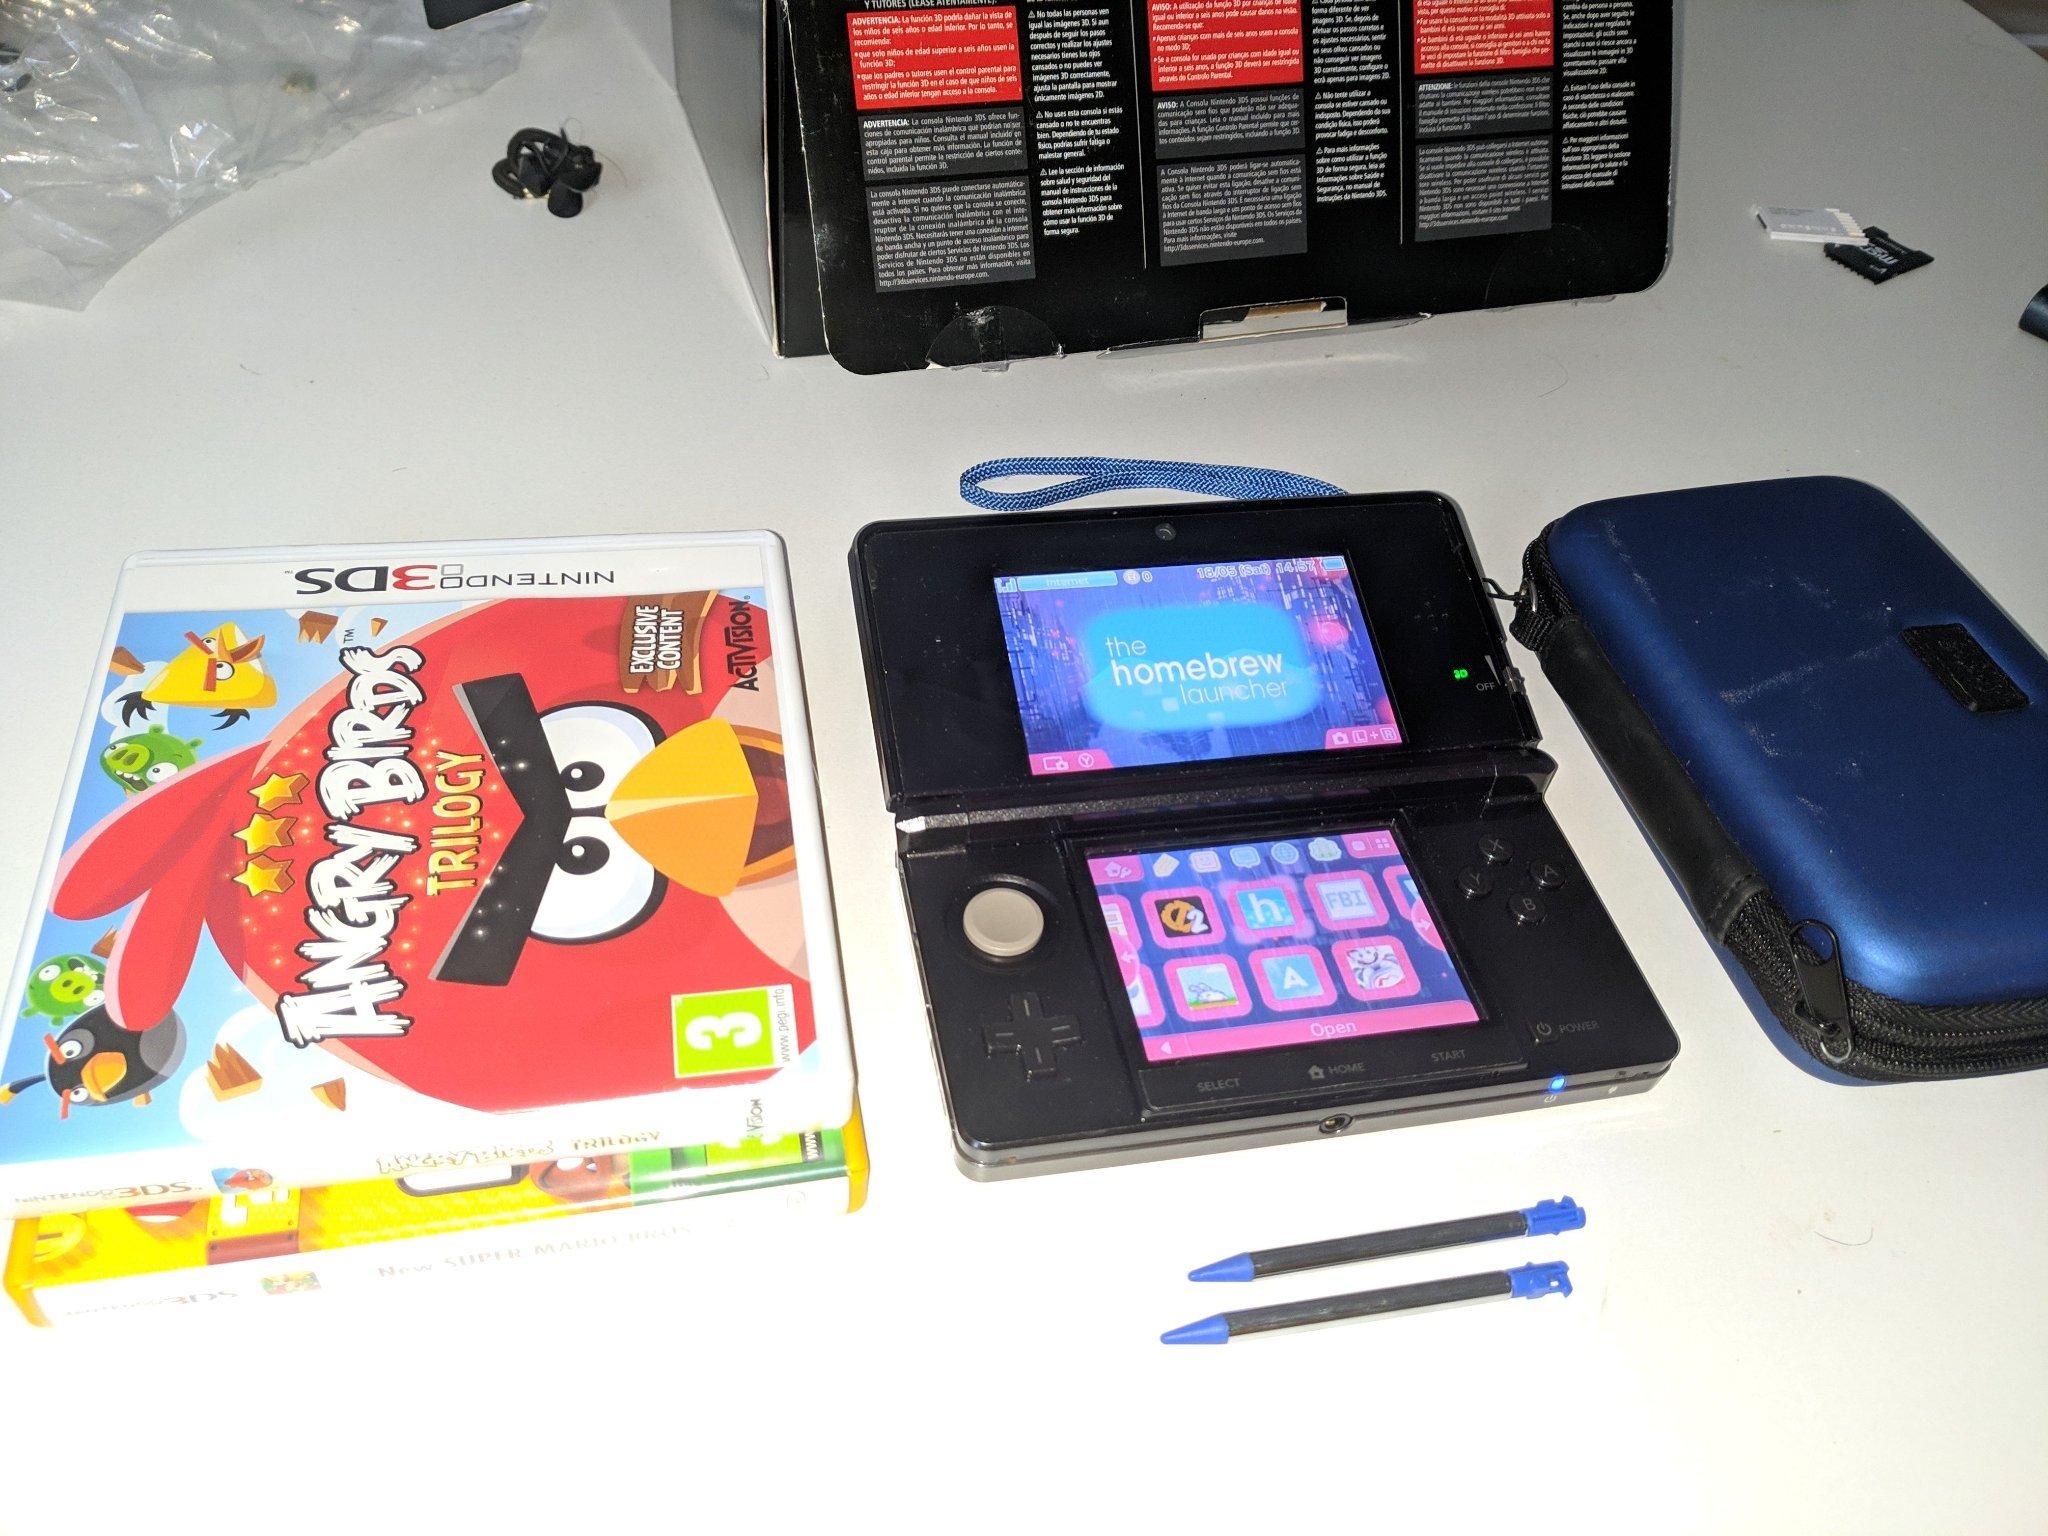 Nintendo 3DS Homebrew Unlocked (351283387) ᐈ Köp på Tradera